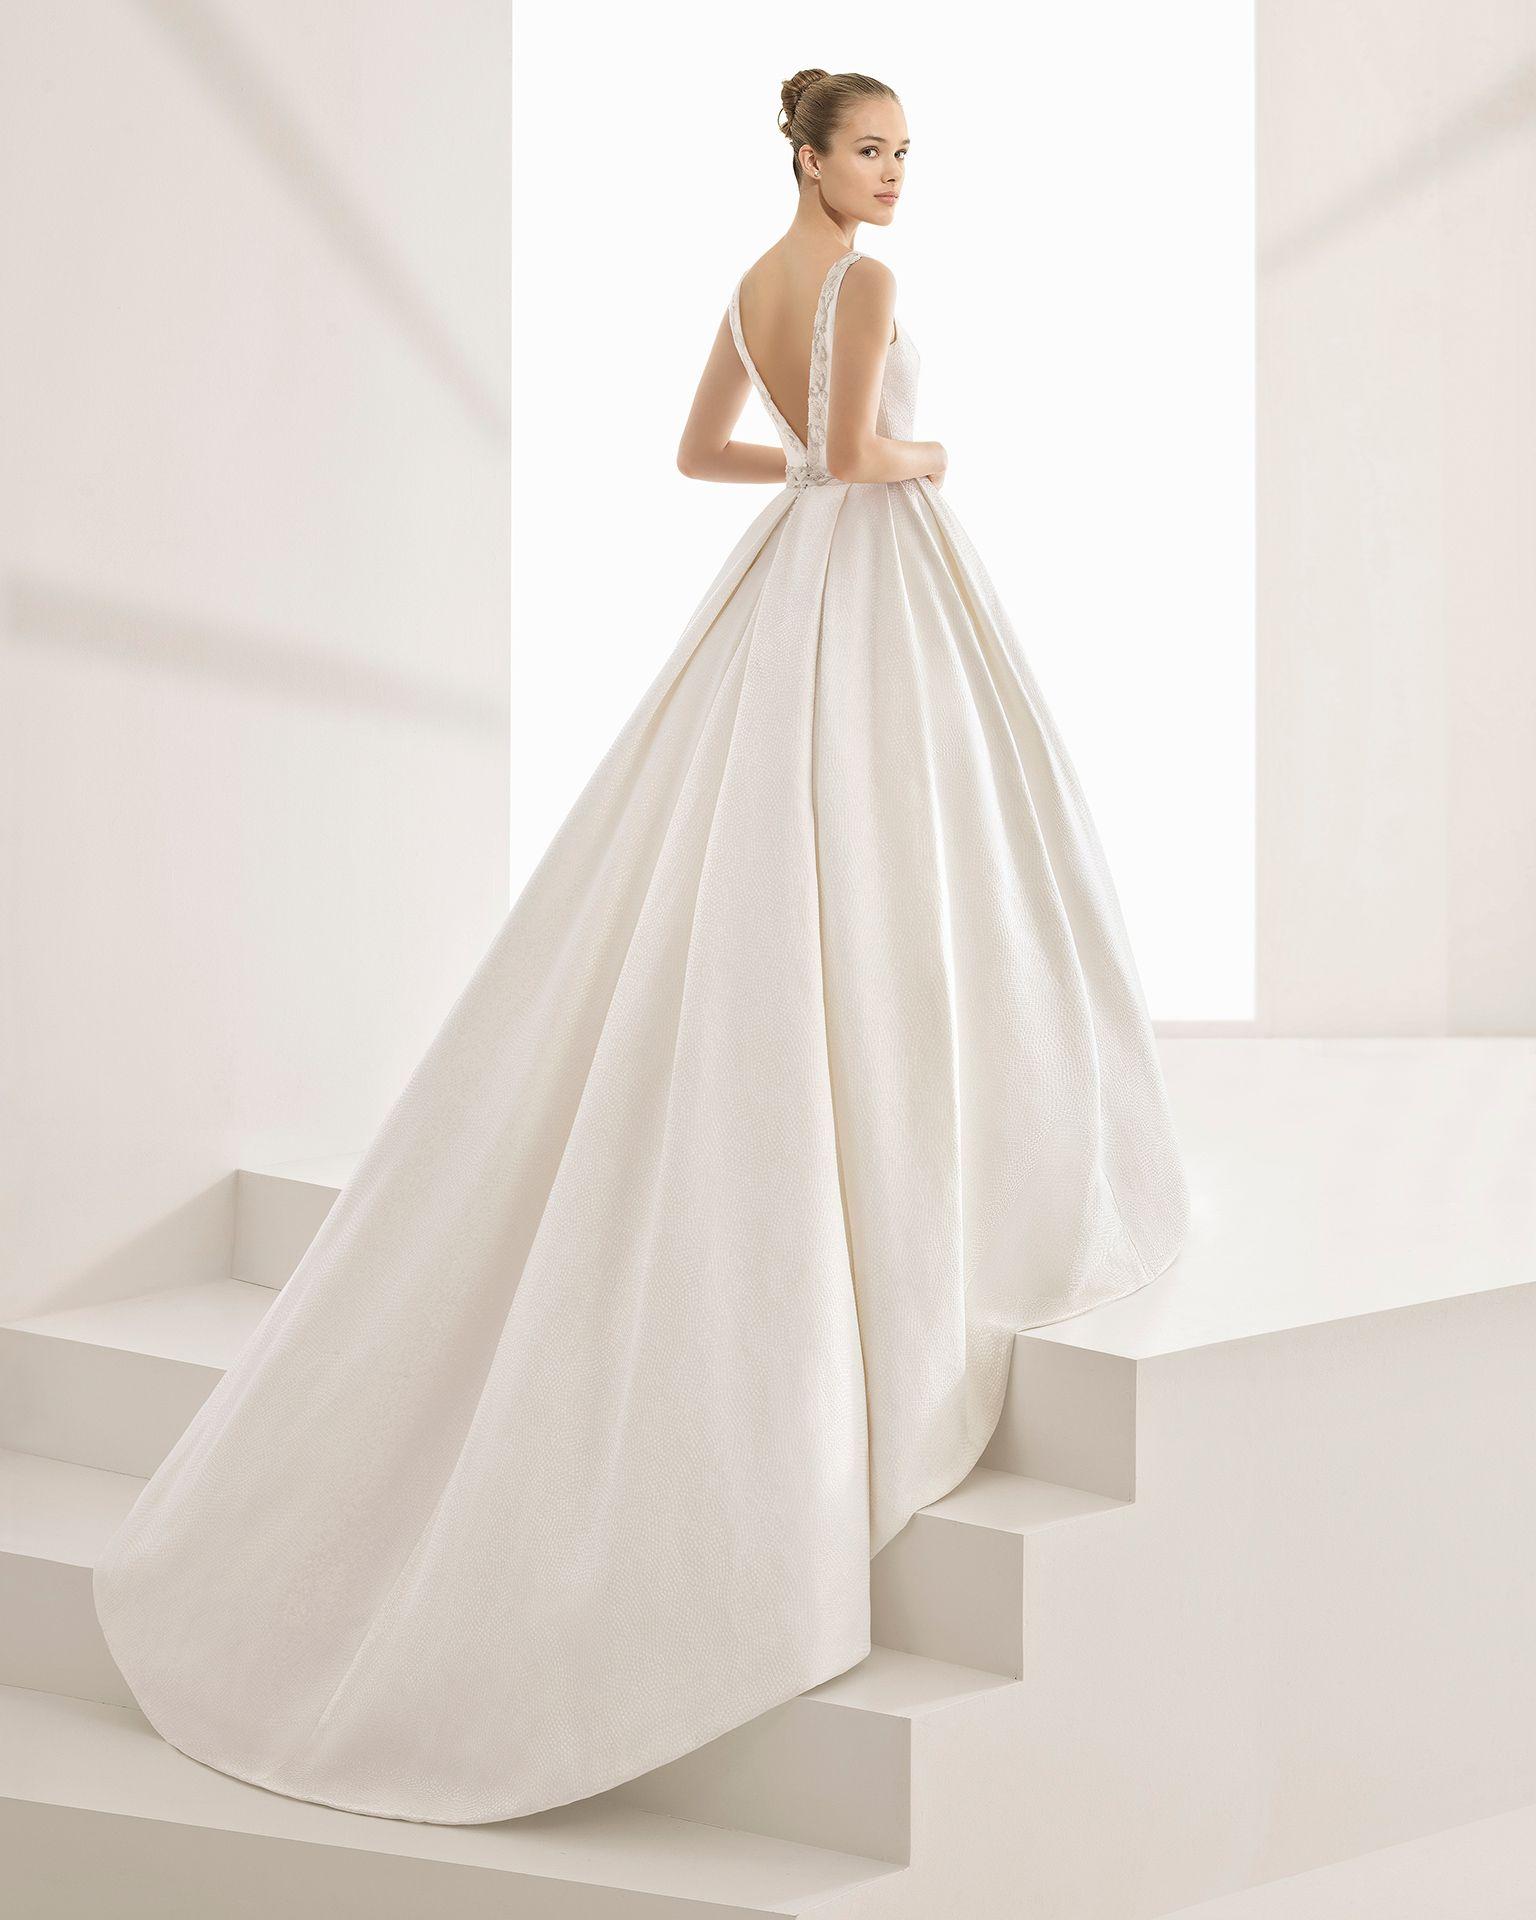 a2d858a0dc Vestido de novia clásico de costura de brocado fantasia escote barco